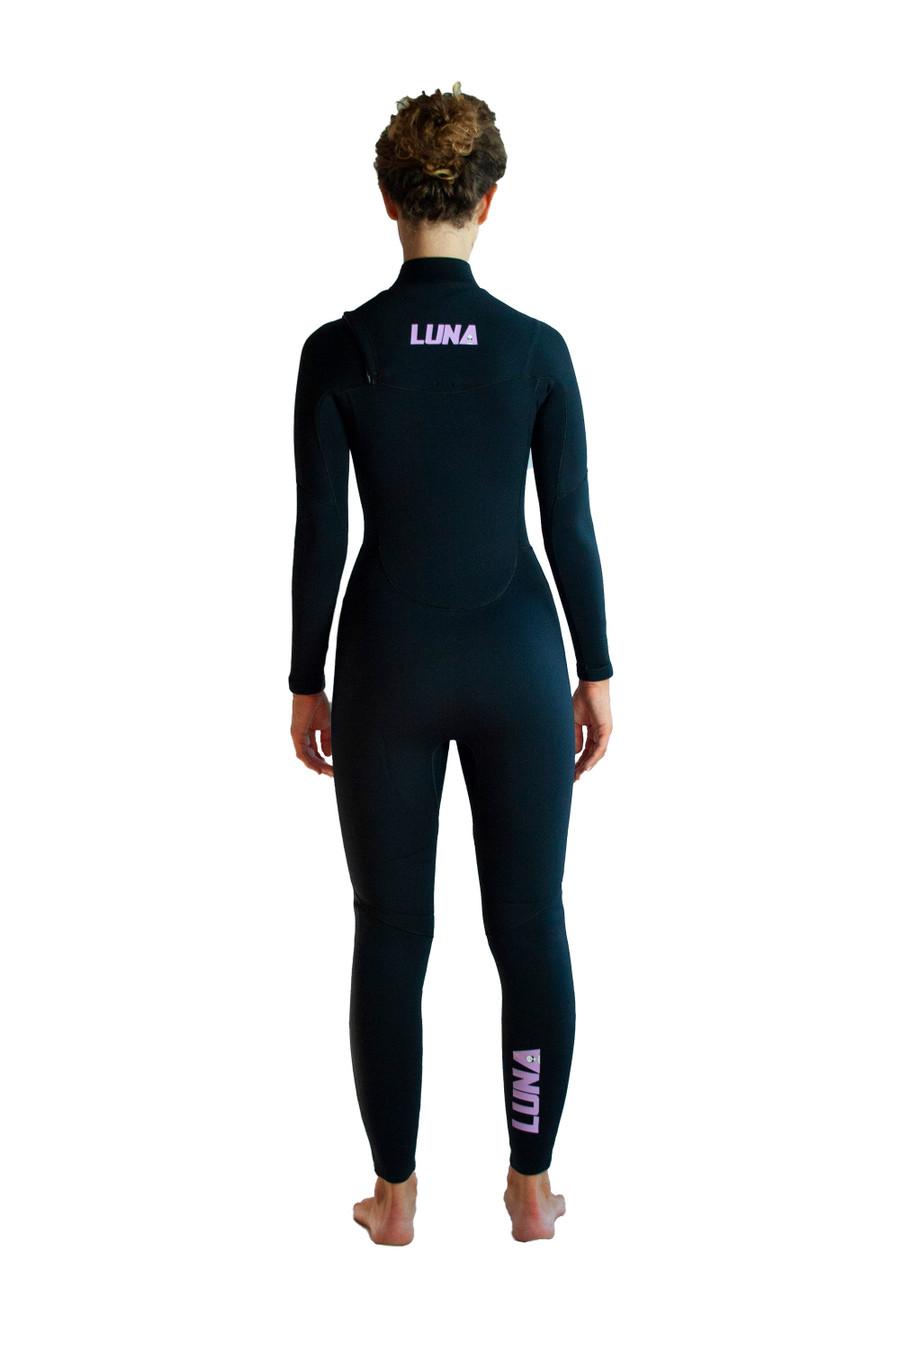 Ladies surf wetsuit